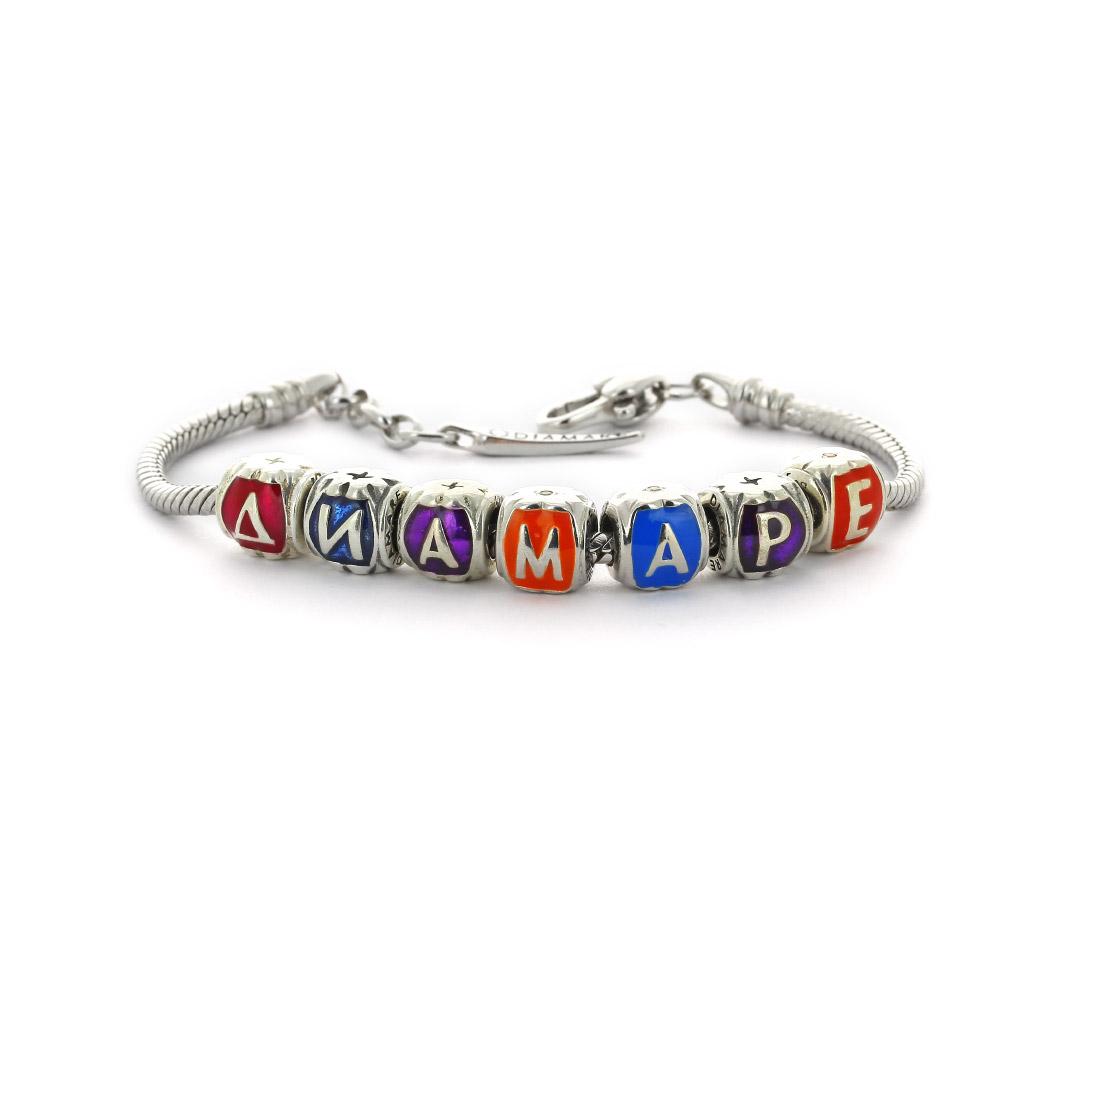 Буквенный браслет Diamare